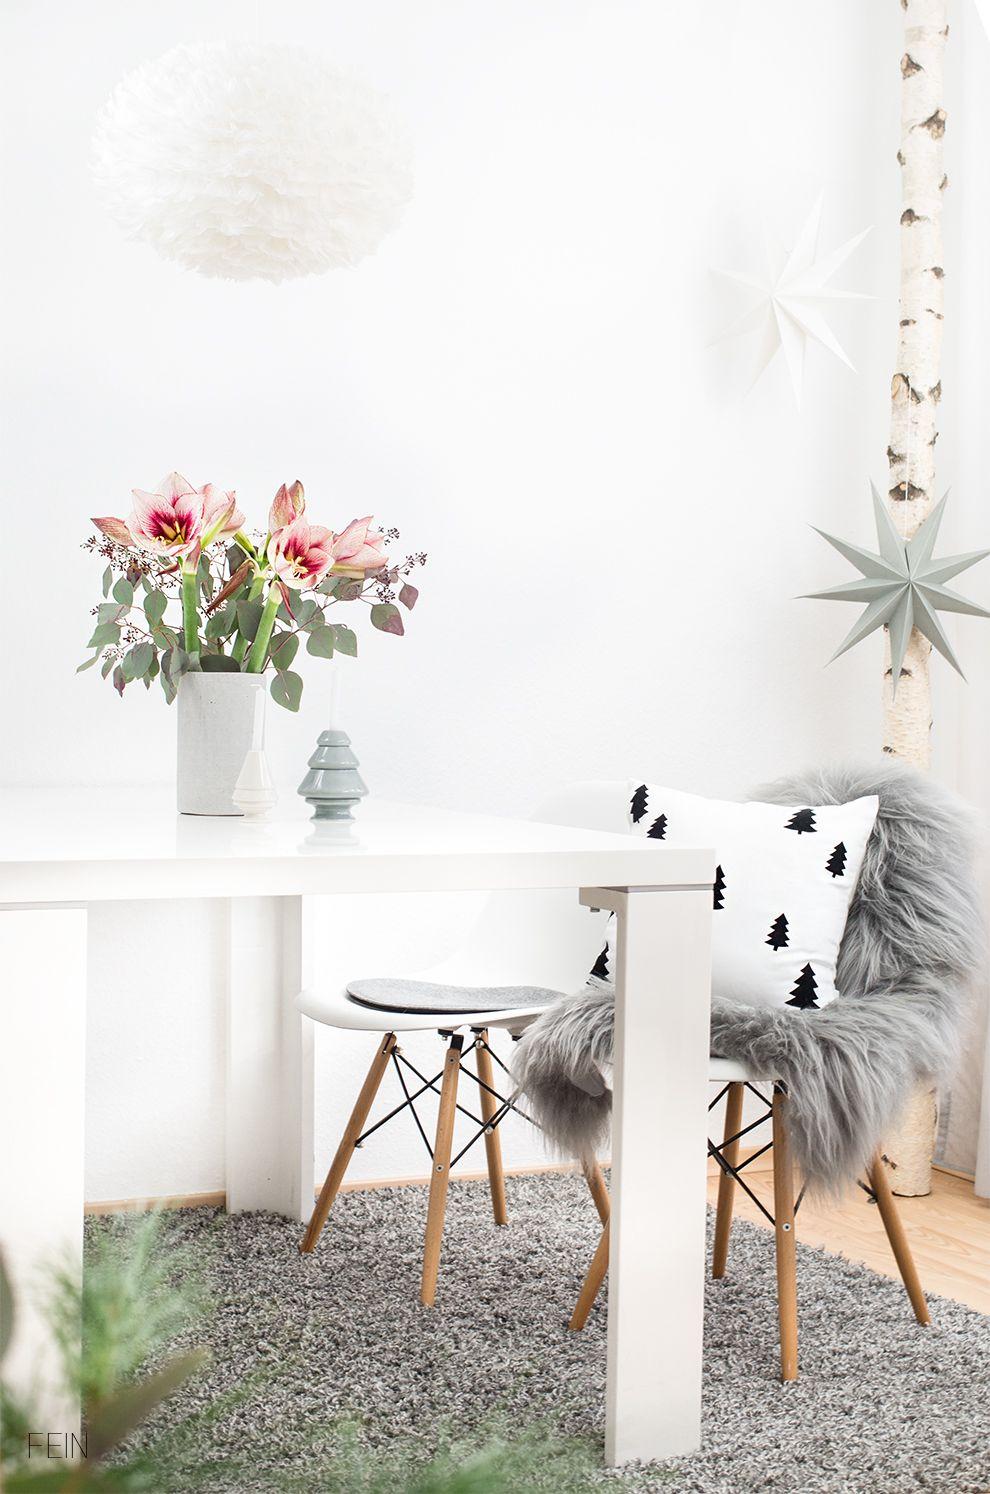 Weihnachten Wohnzimmer Deko scandi | Fein&fabelhaft LIVING ...